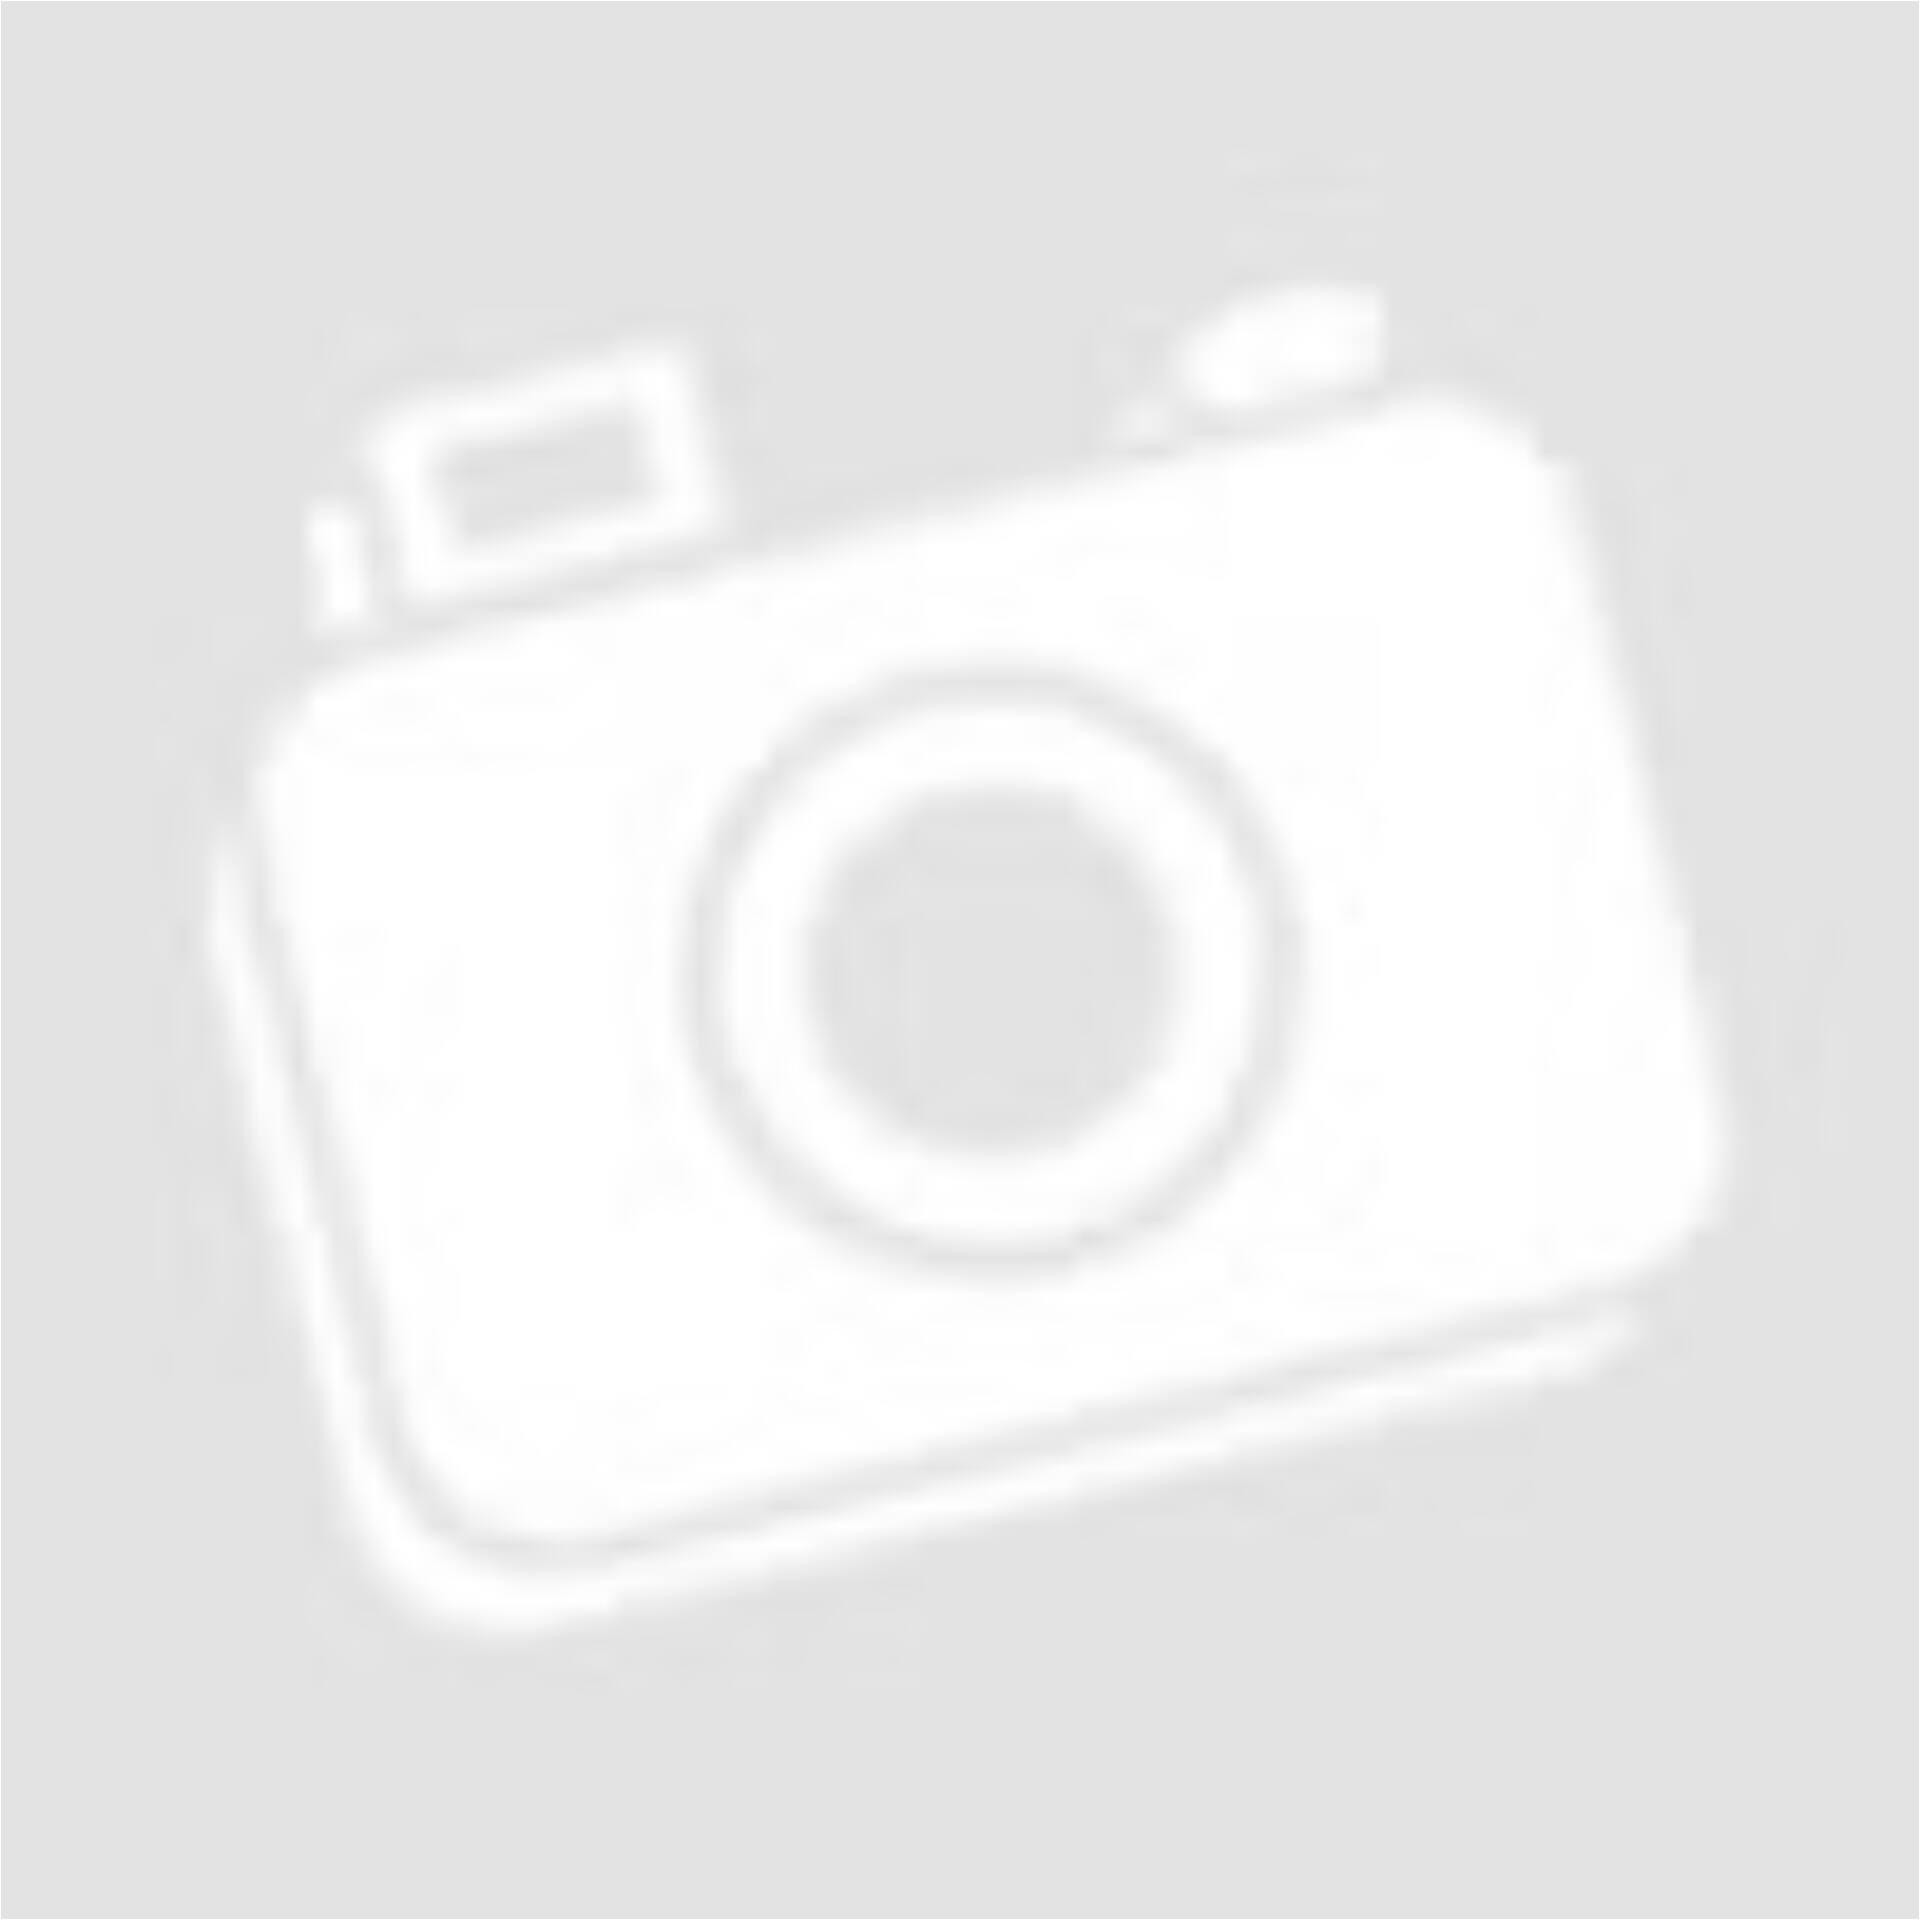 bc64a0c232 Esprit felső (Méret: L) - Női póló, trikó, topp, body - Öltözz ki ...